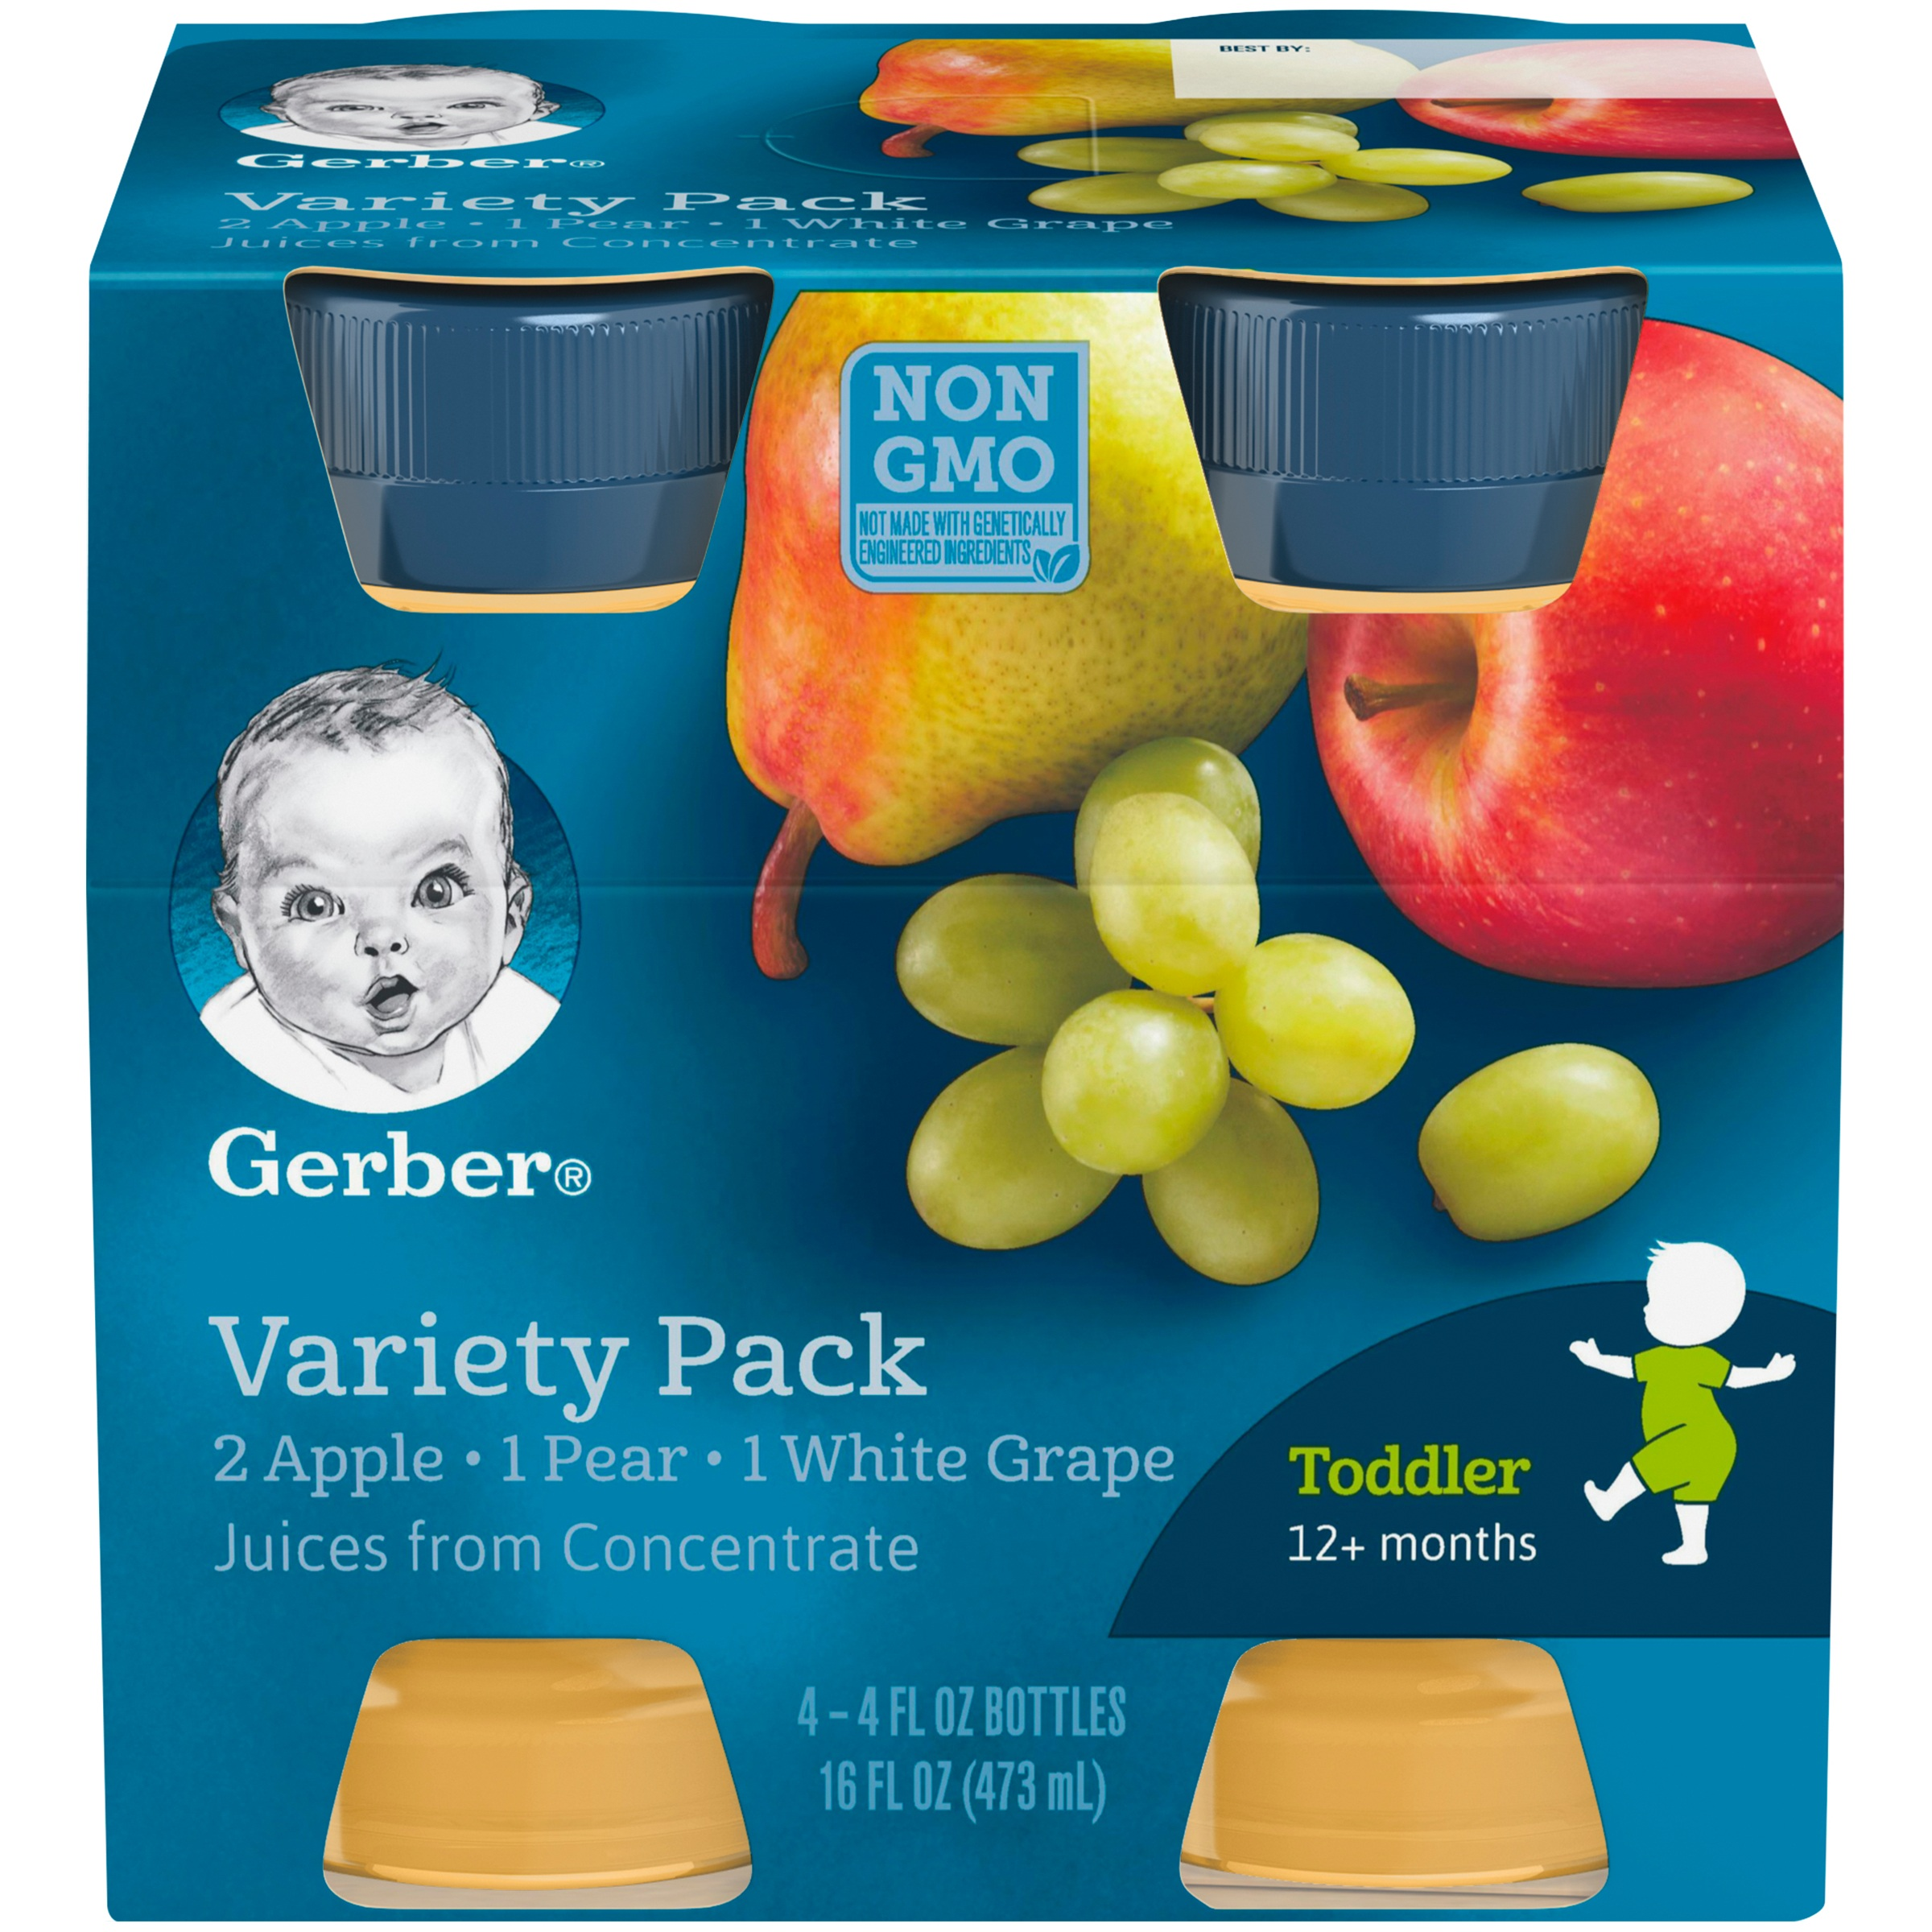 Gerber Fruit Juice Variety Pack 4-4 fl. oz. Bottles